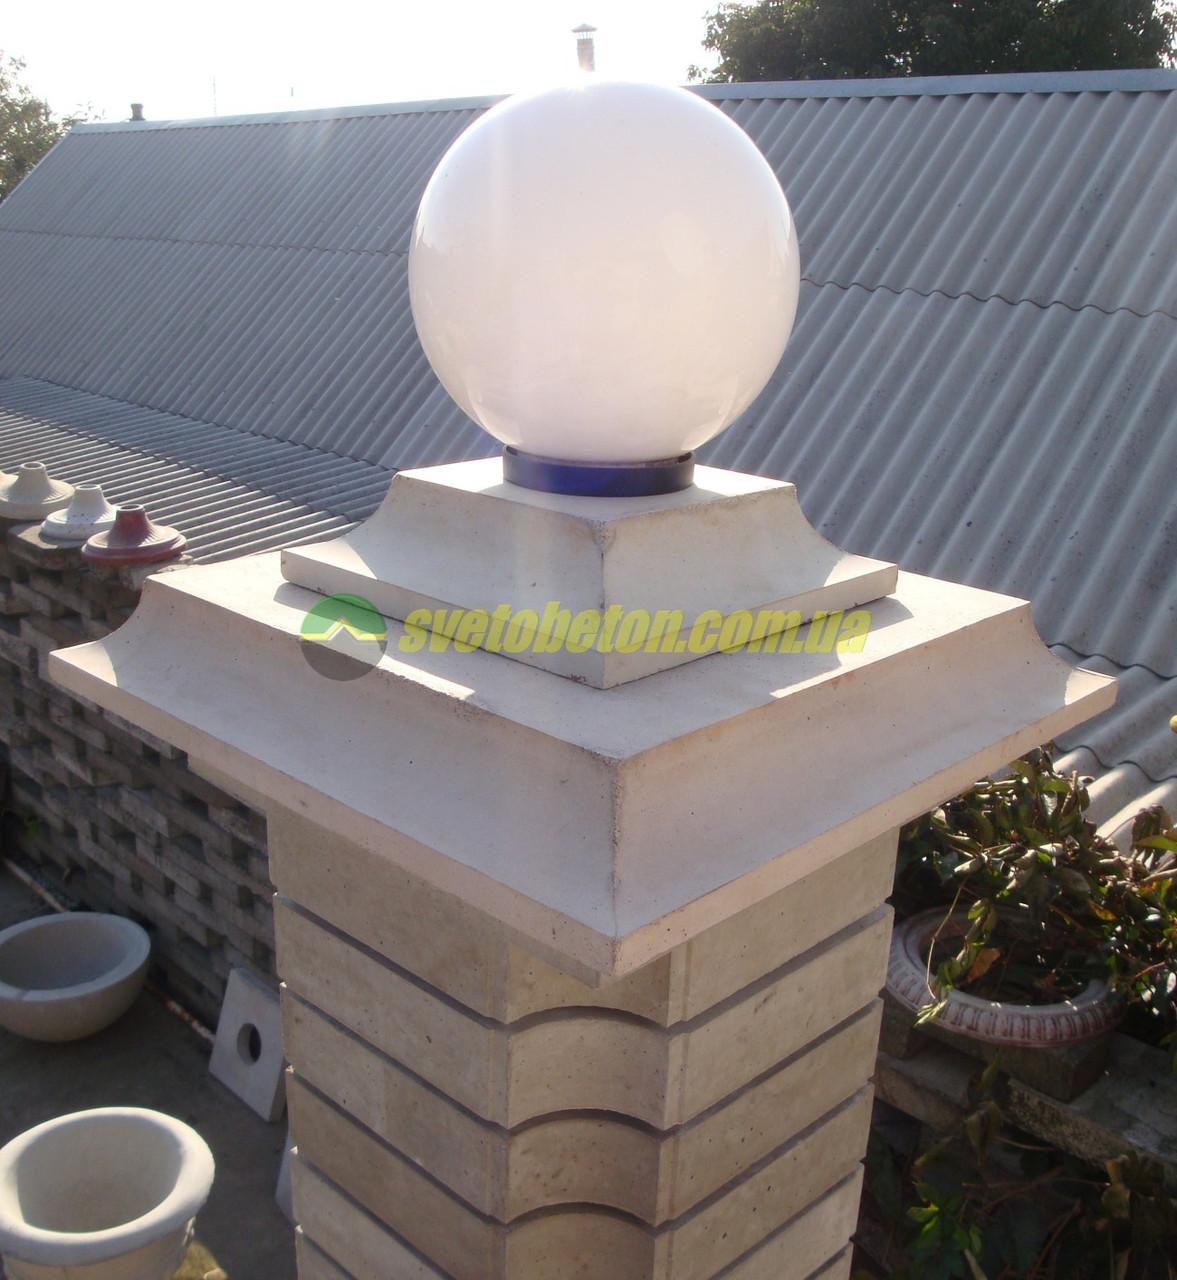 Крышка колпак на столб забора бетонная большая, шляпка 530х530, накрытие парапета колонны из бетона.